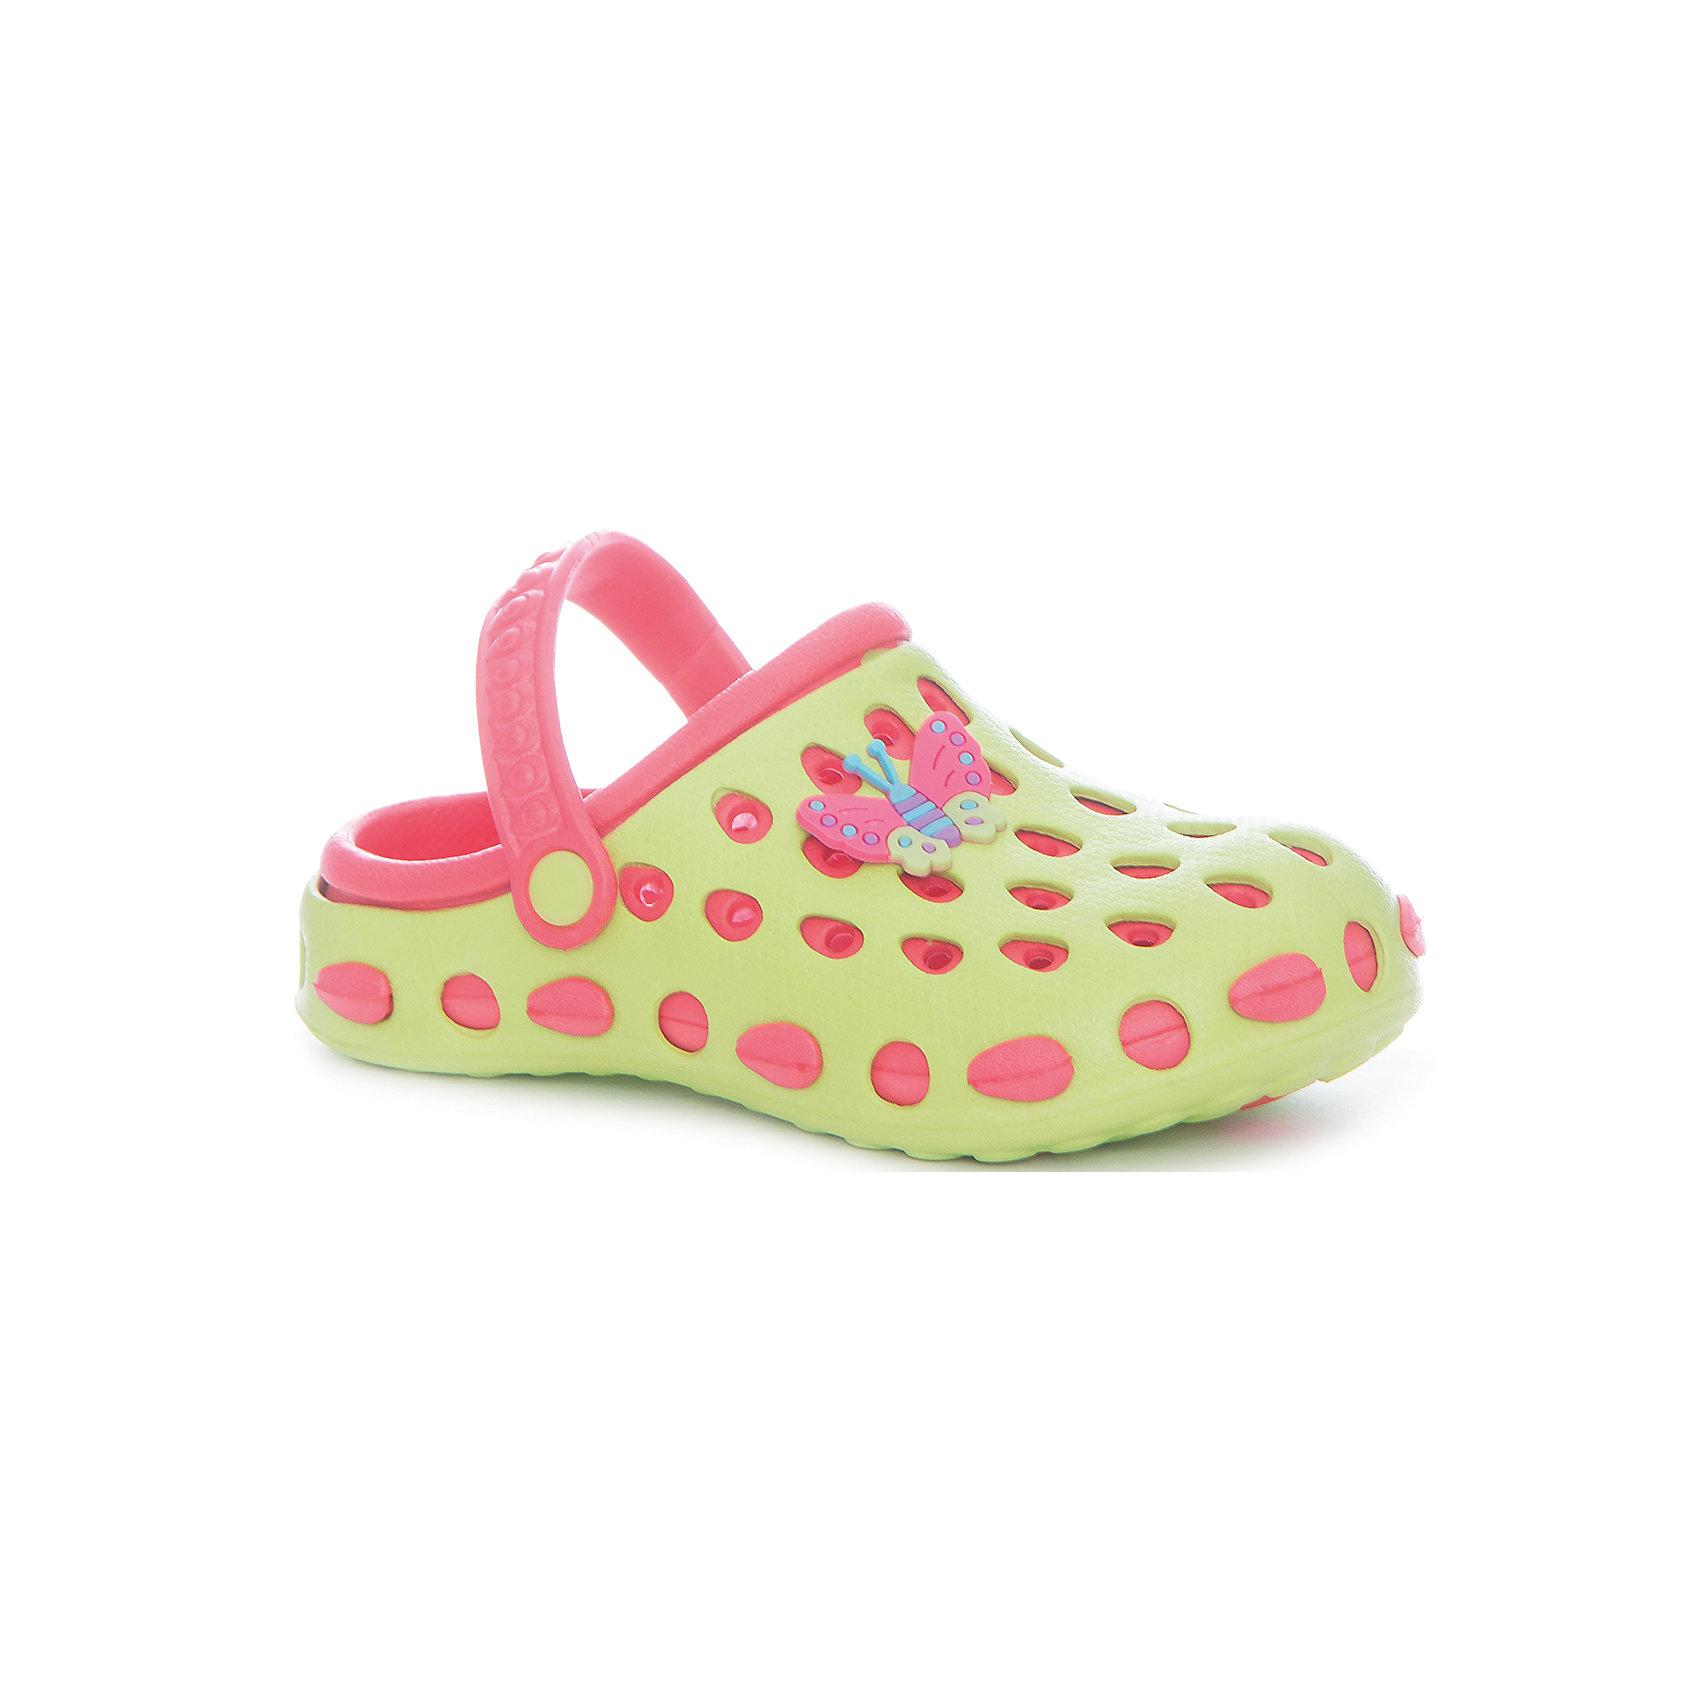 Пляжная обувь для девочки MURSUПляжная обувь для девочки MURSU<br>Состав: <br>Материал верха: ЭВА; Материал подкладки: ЭВА; Материал подошвы: ЭВА; Материал стельки: ЭВА.<br><br>Ширина мм: 248<br>Глубина мм: 135<br>Высота мм: 147<br>Вес г: 256<br>Цвет: разноцветный<br>Возраст от месяцев: 132<br>Возраст до месяцев: 144<br>Пол: Женский<br>Возраст: Детский<br>Размер: 33,34,31,32,35,30<br>SKU: 5326037